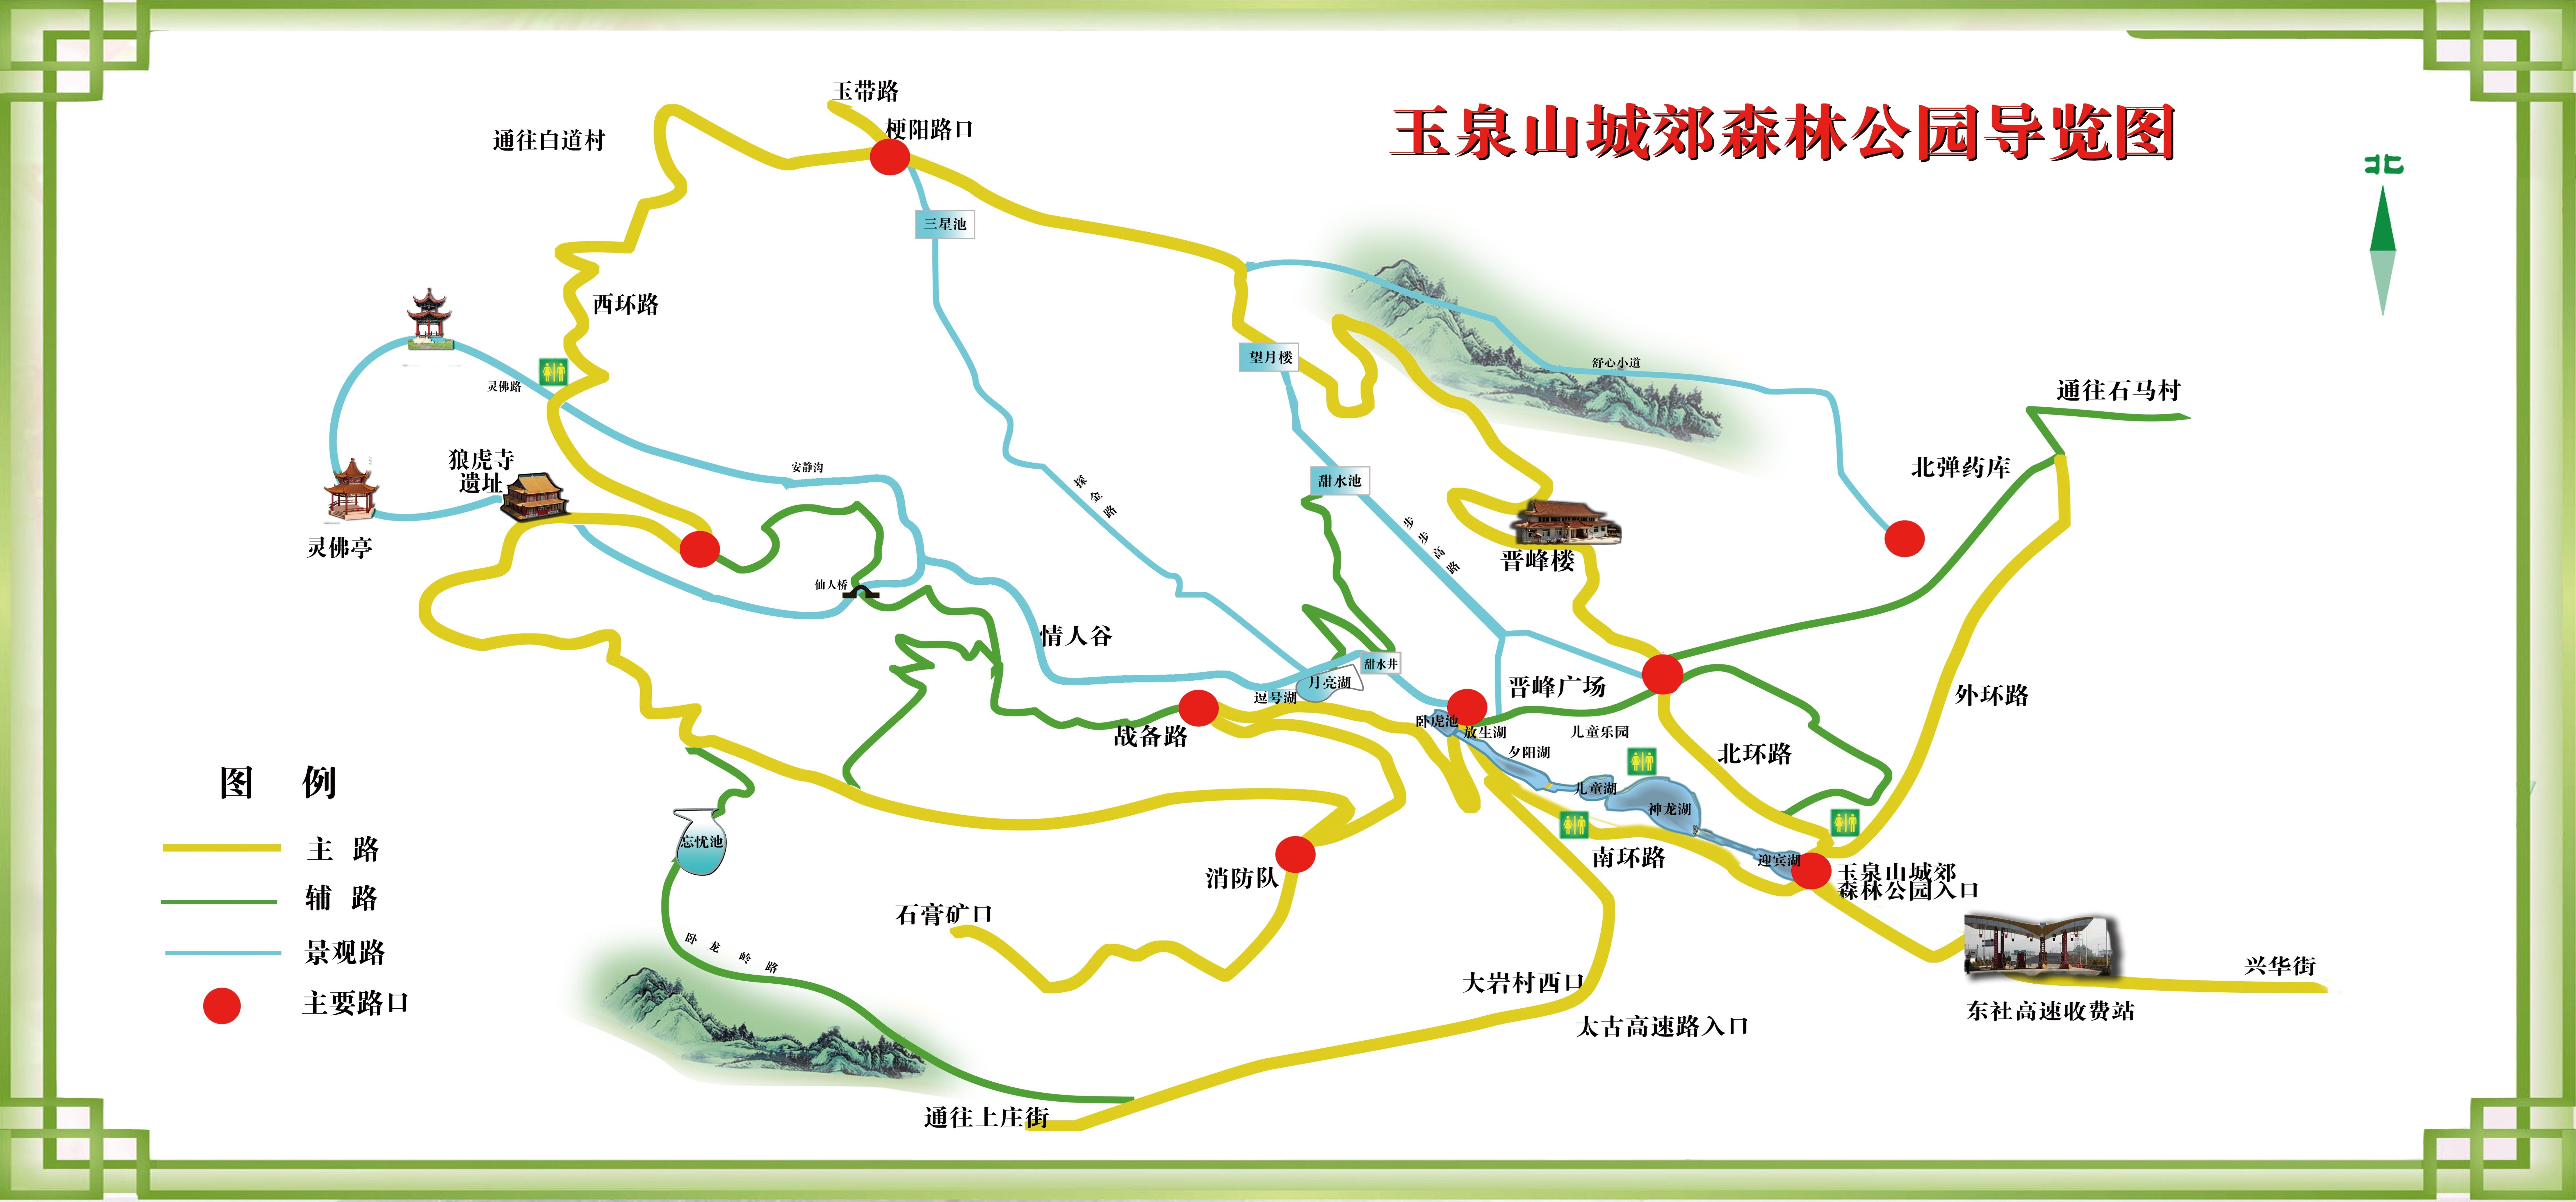 园区地图-玉泉山城郊森林公园